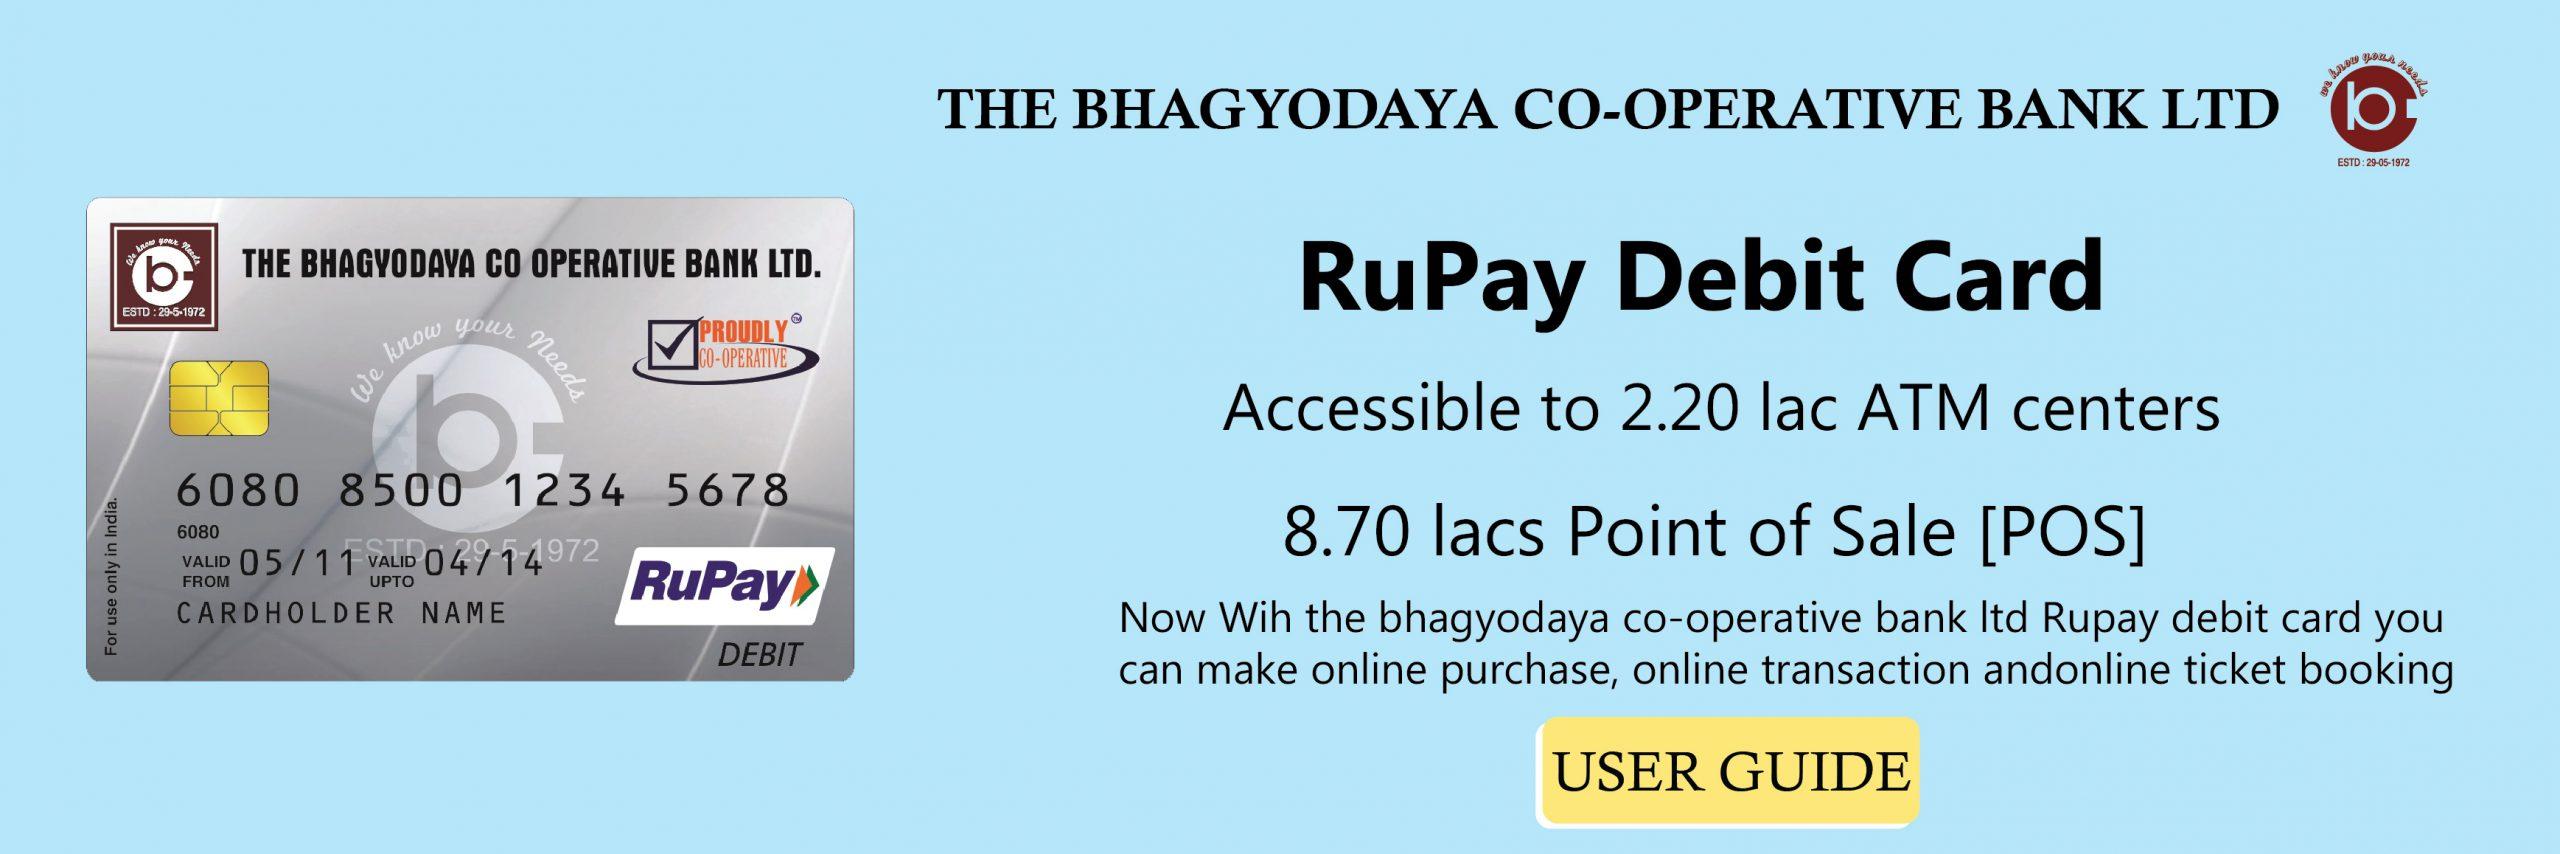 the bhagyodaya bank_banner_5